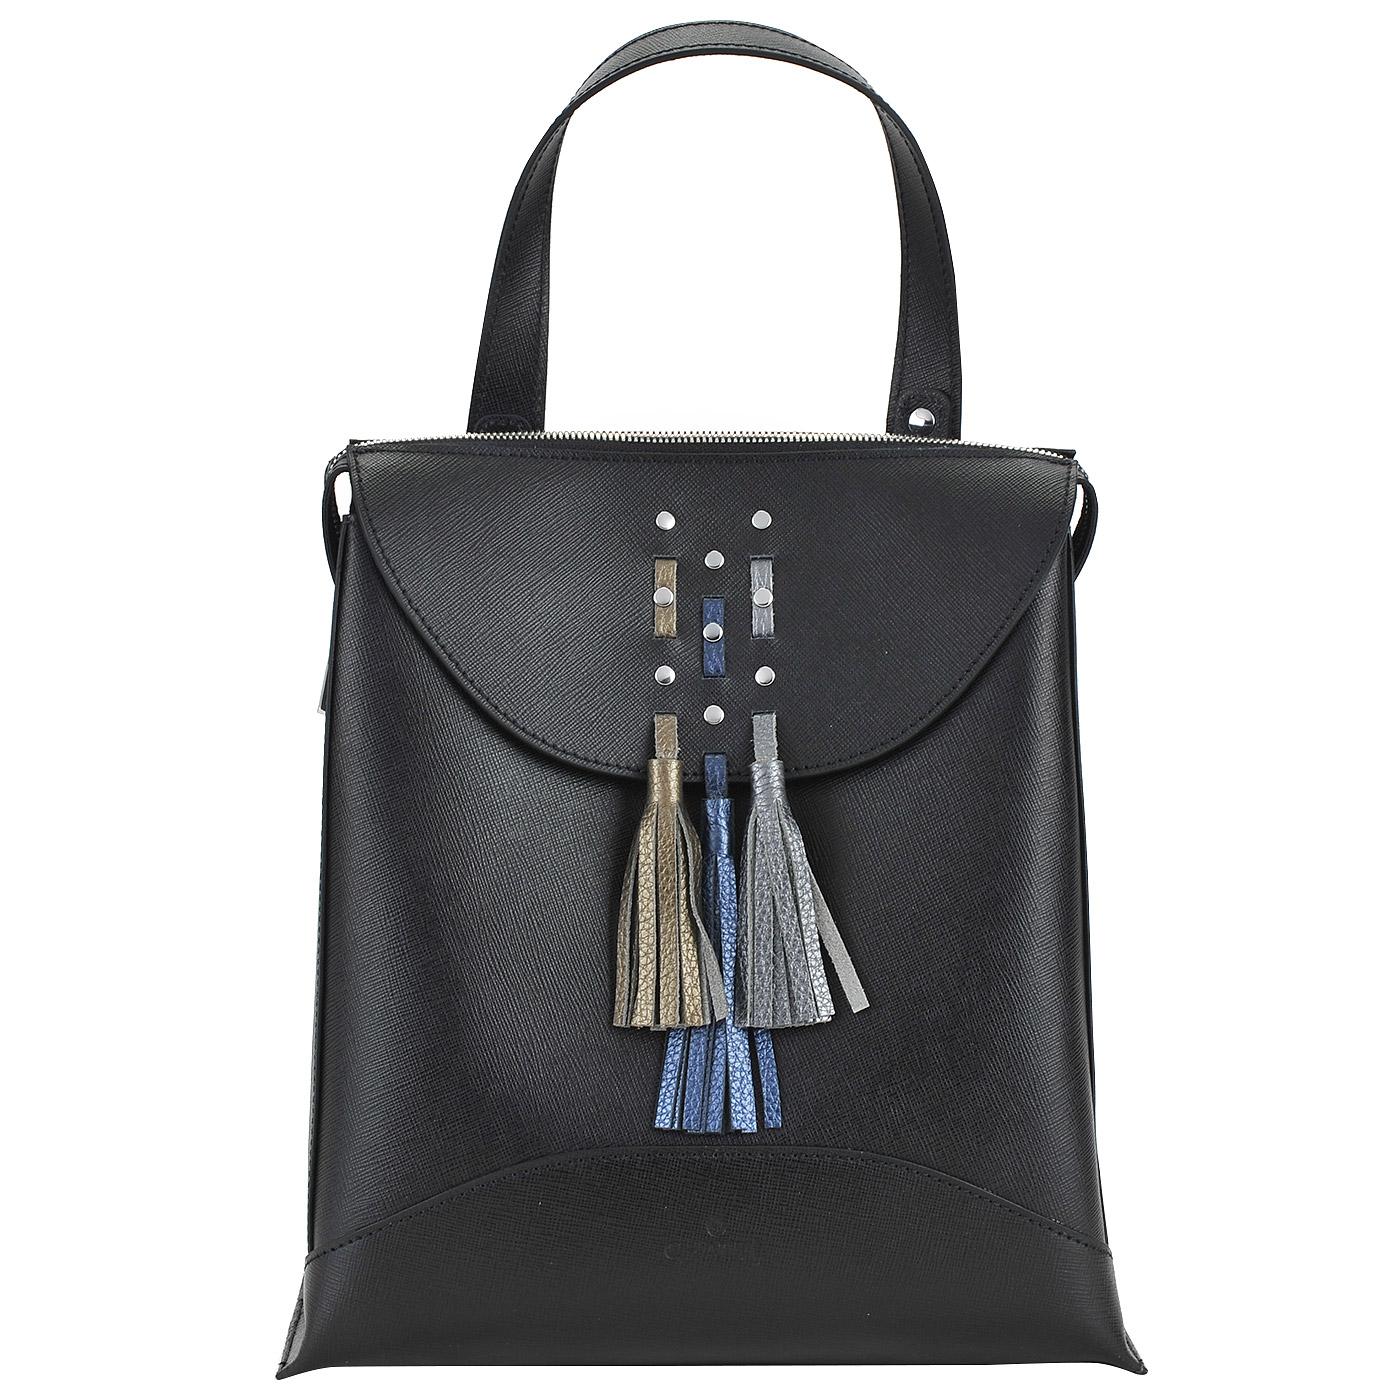 cc9f5bd94751 Вместительный женский рюкзак из сафьяновой кожи Chatte Вместительный женский  рюкзак из сафьяновой кожи Chatte ...